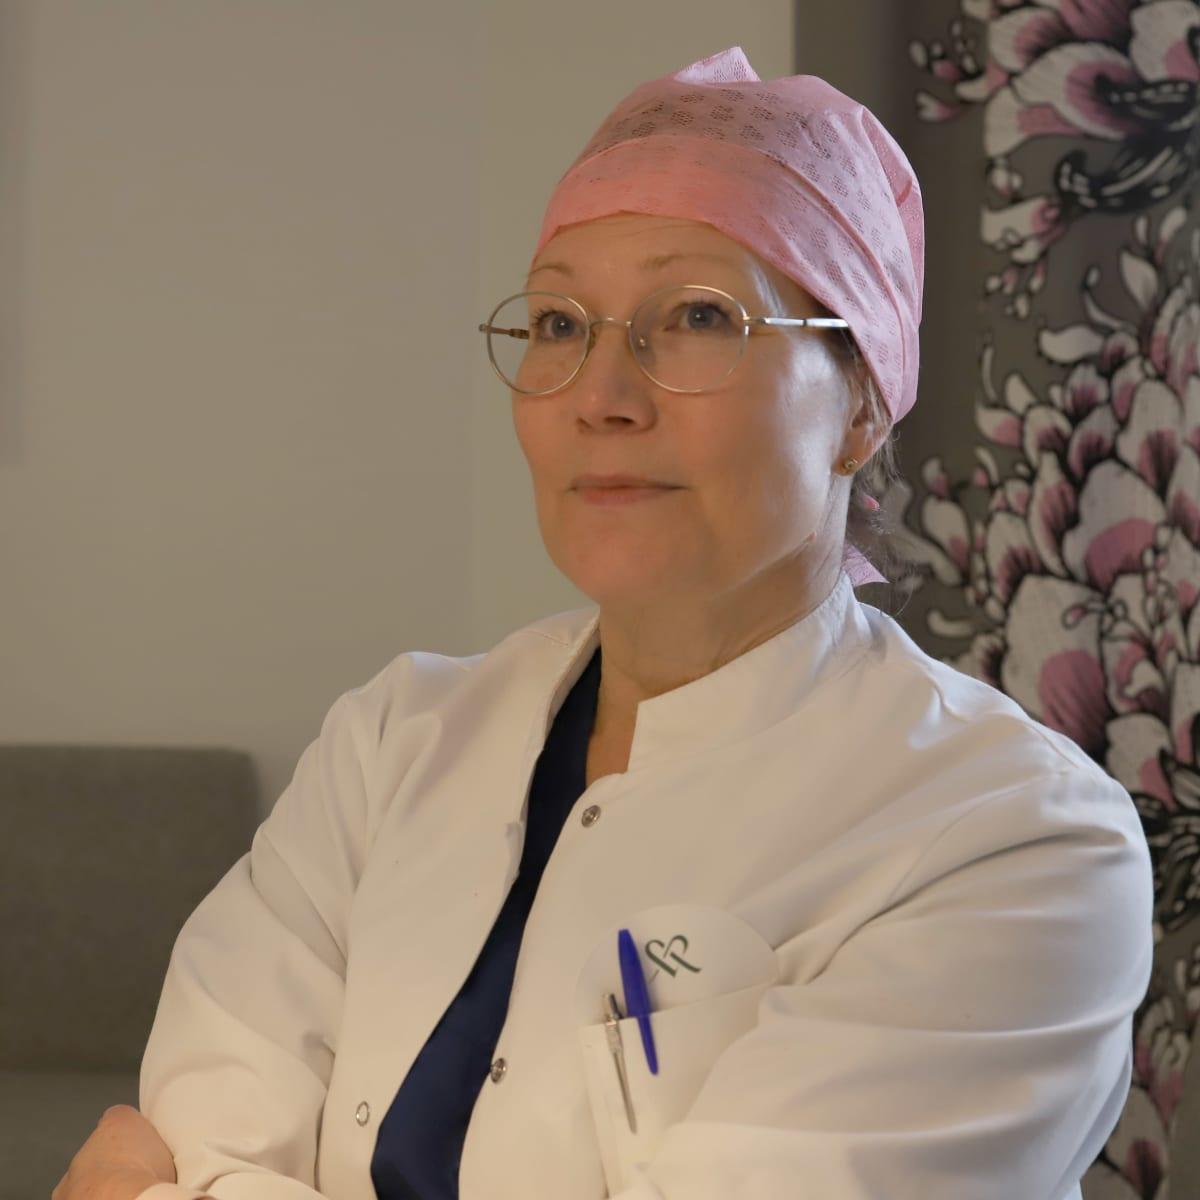 Länsi-Pohjan keskussairaalan synnytysosaston ylilääkäri Pia Vittaniemi